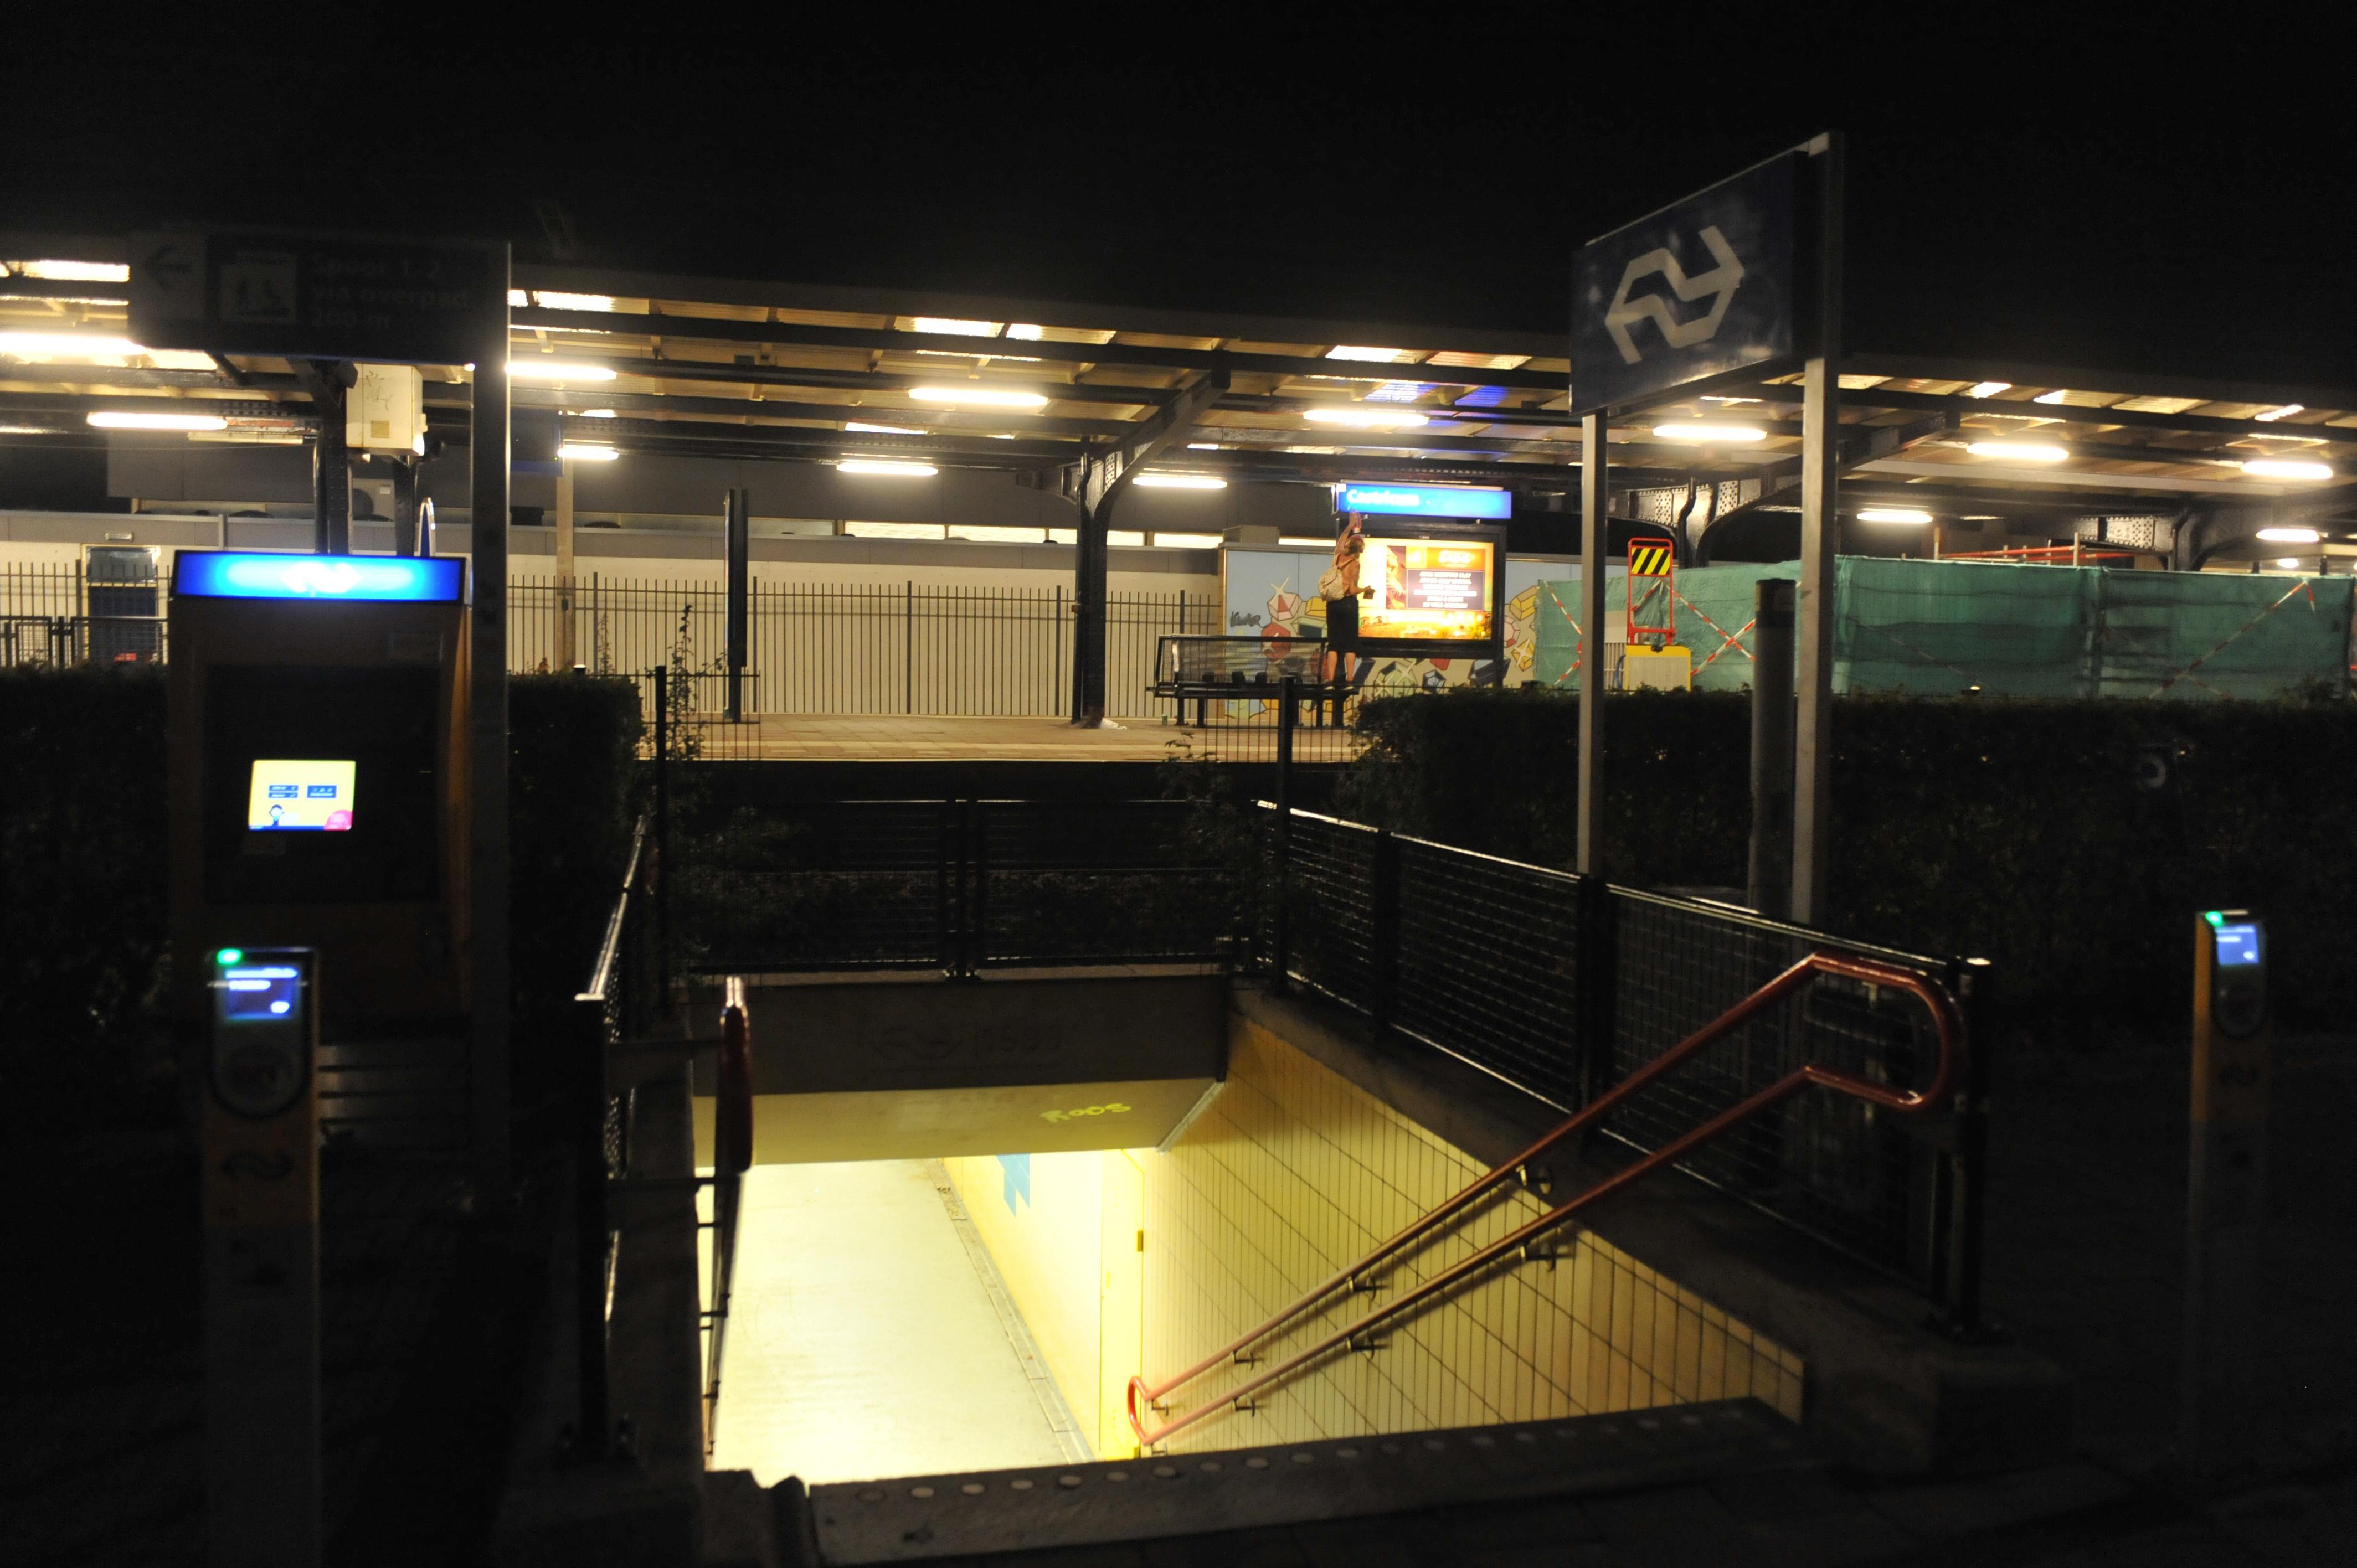 Kritiek op gesloten jeugdzorg Antonius/Horizon in Bakkum na ontsnappen jongeren, die Castricummer neerstaken: 'Het was wachten op een incident'